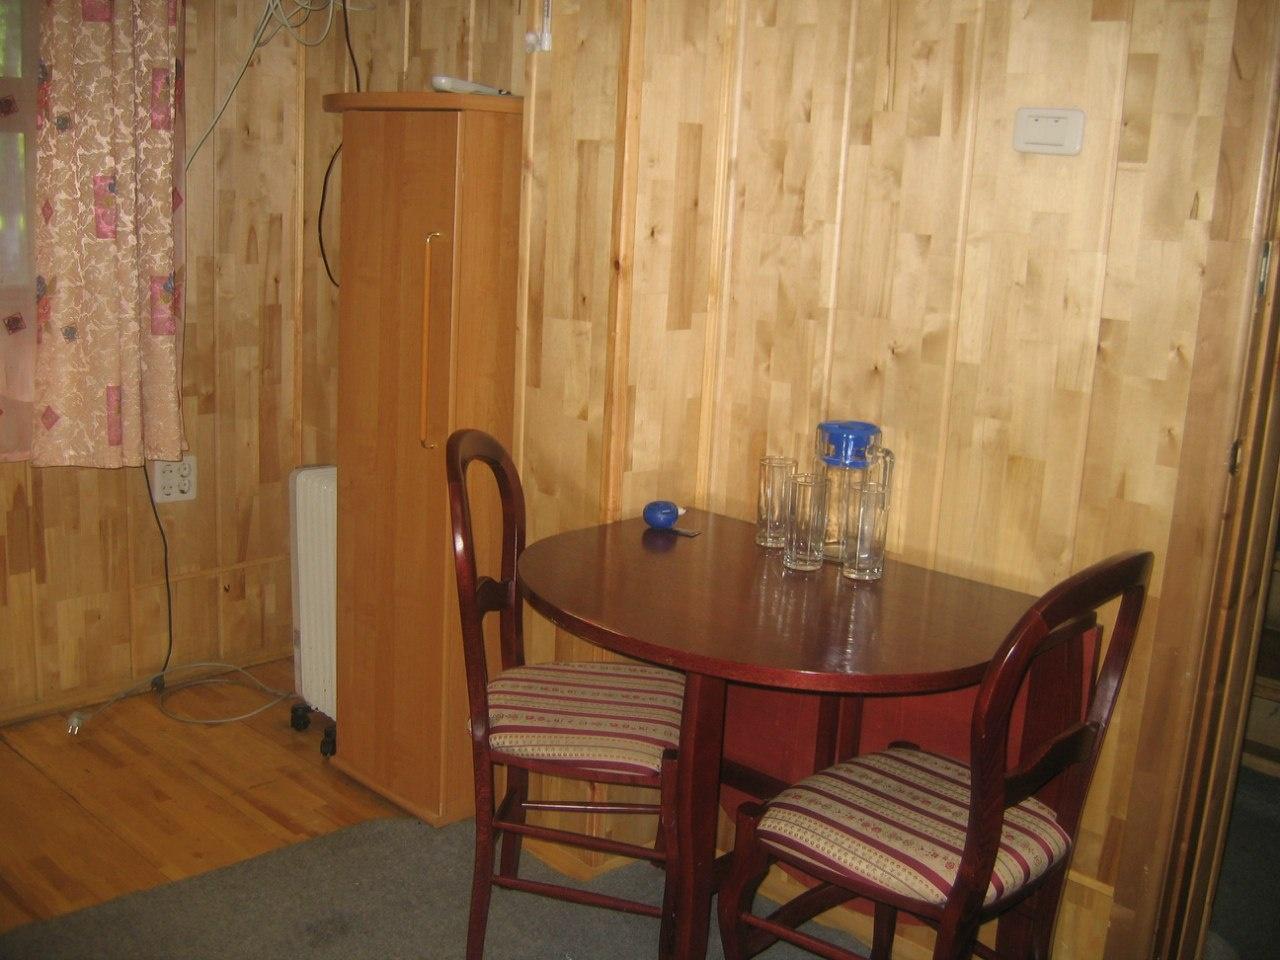 База отдыха «Лебедь» Кировская область Комната 2-местная в доме №2, фото 6